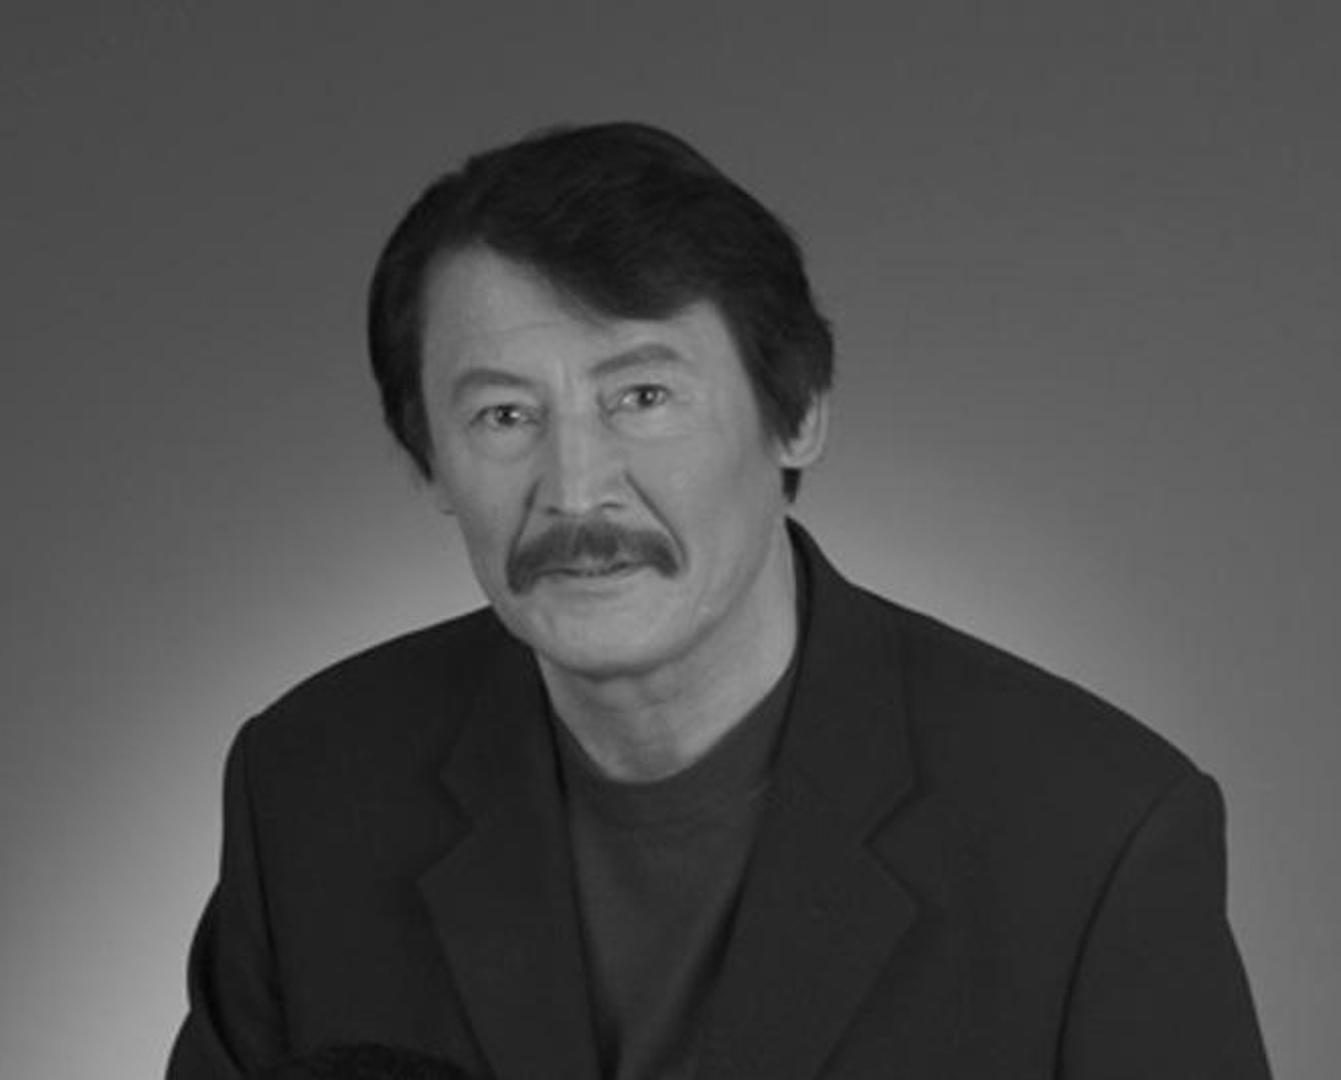 Қазақстанның Халық әртісі Құман Тастанбеков дүниеден озды